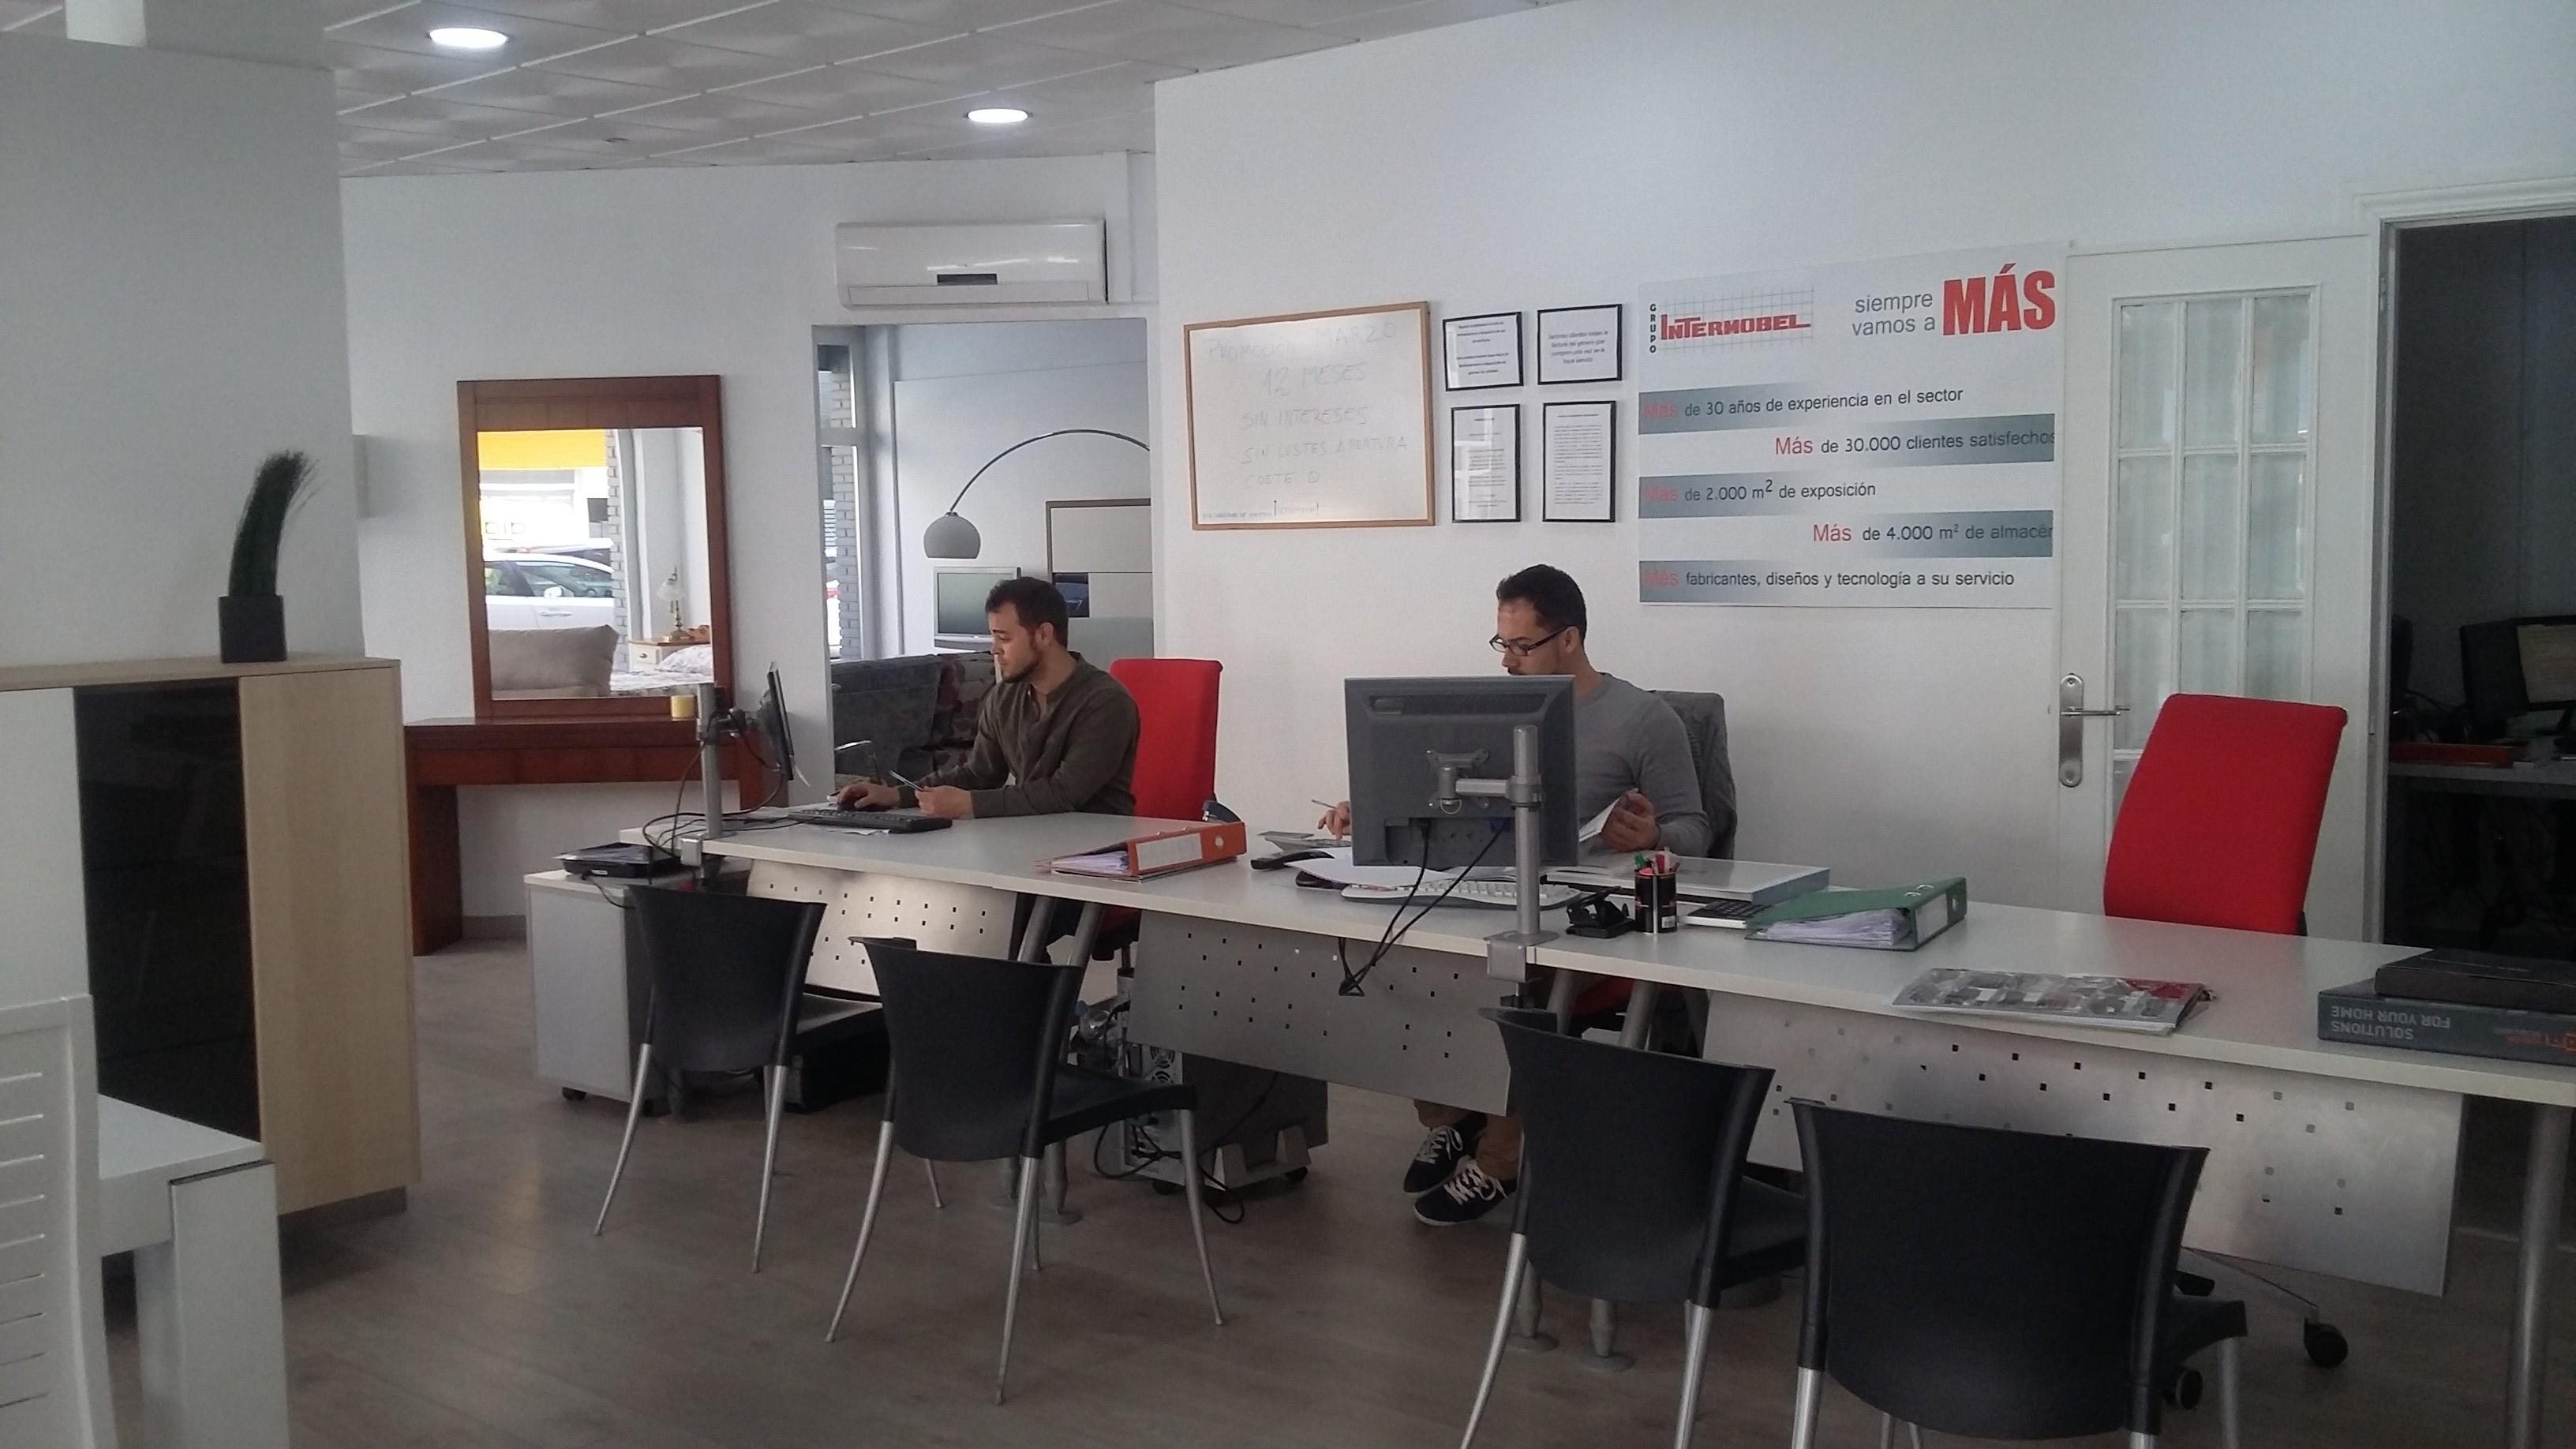 Muebles Intermobel Silla Directorio Comercial De La Comunitat  # Muebles Vall De Uxo